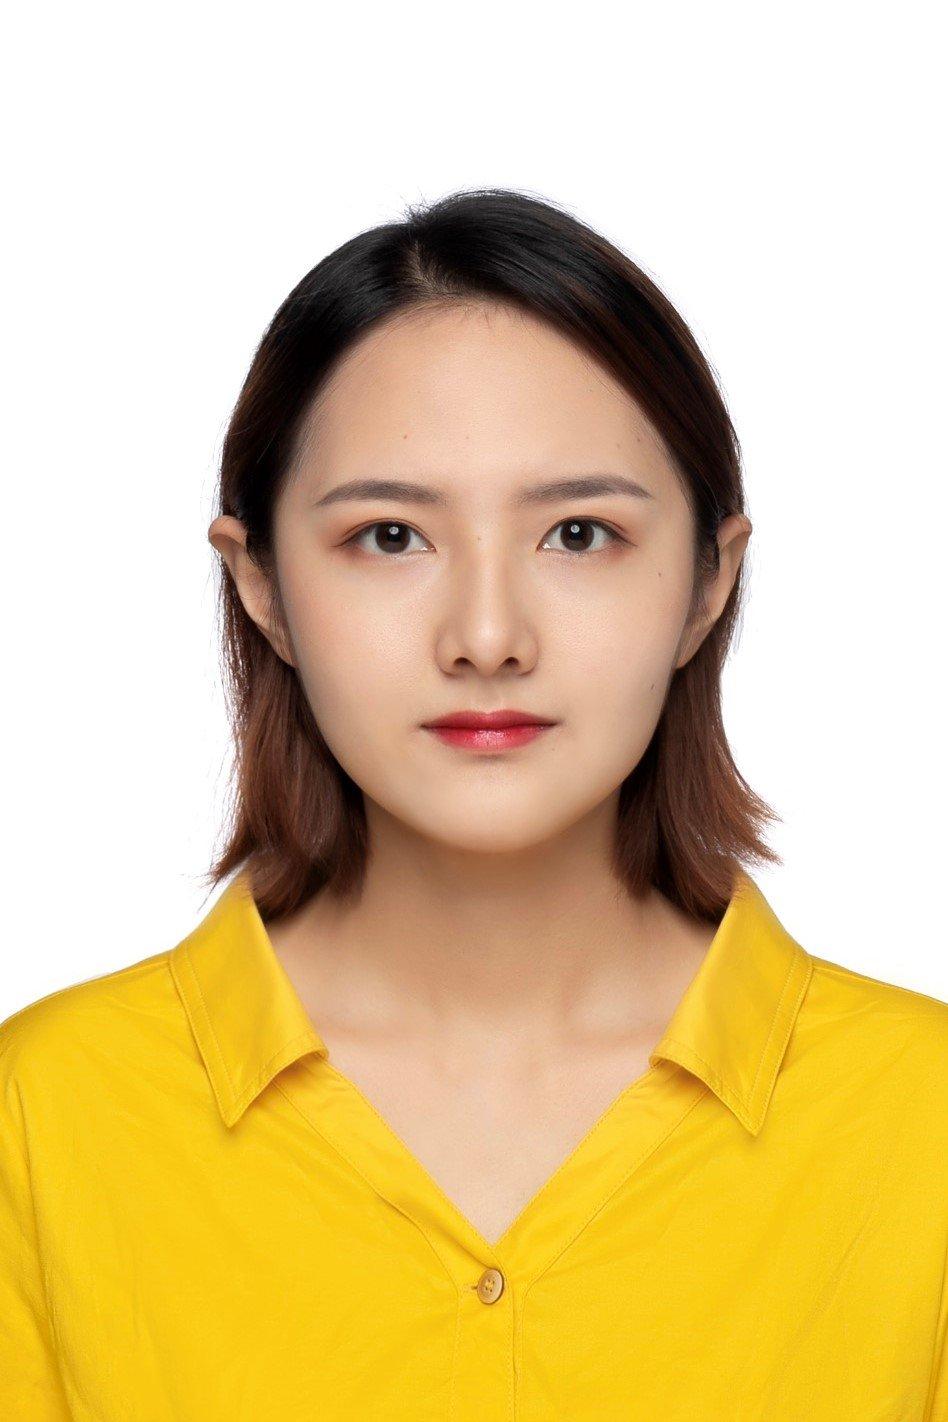 Liu Sun